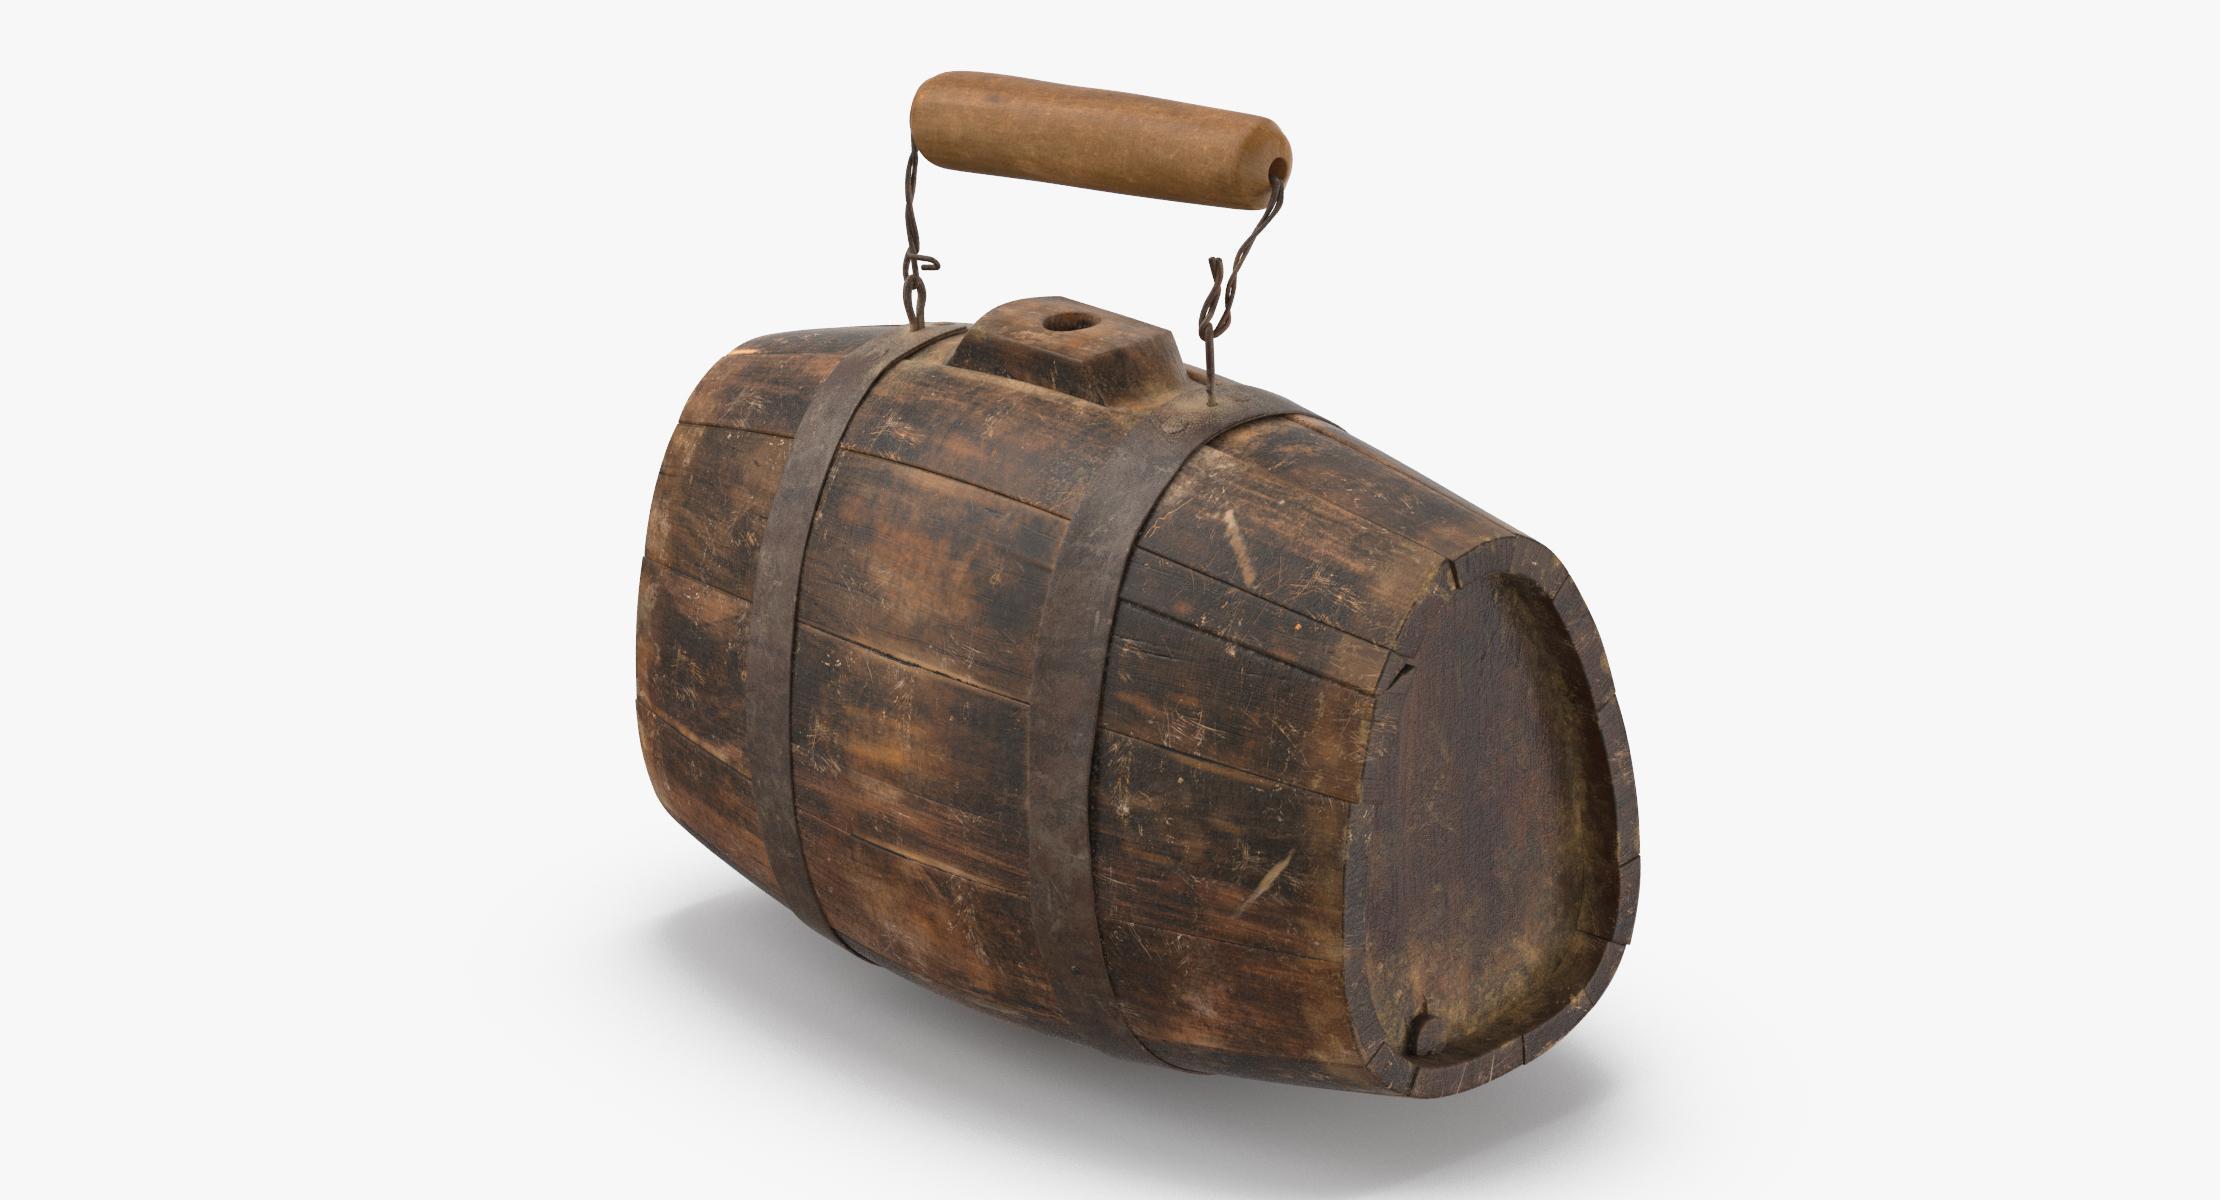 Old Rum Keg - reel 1